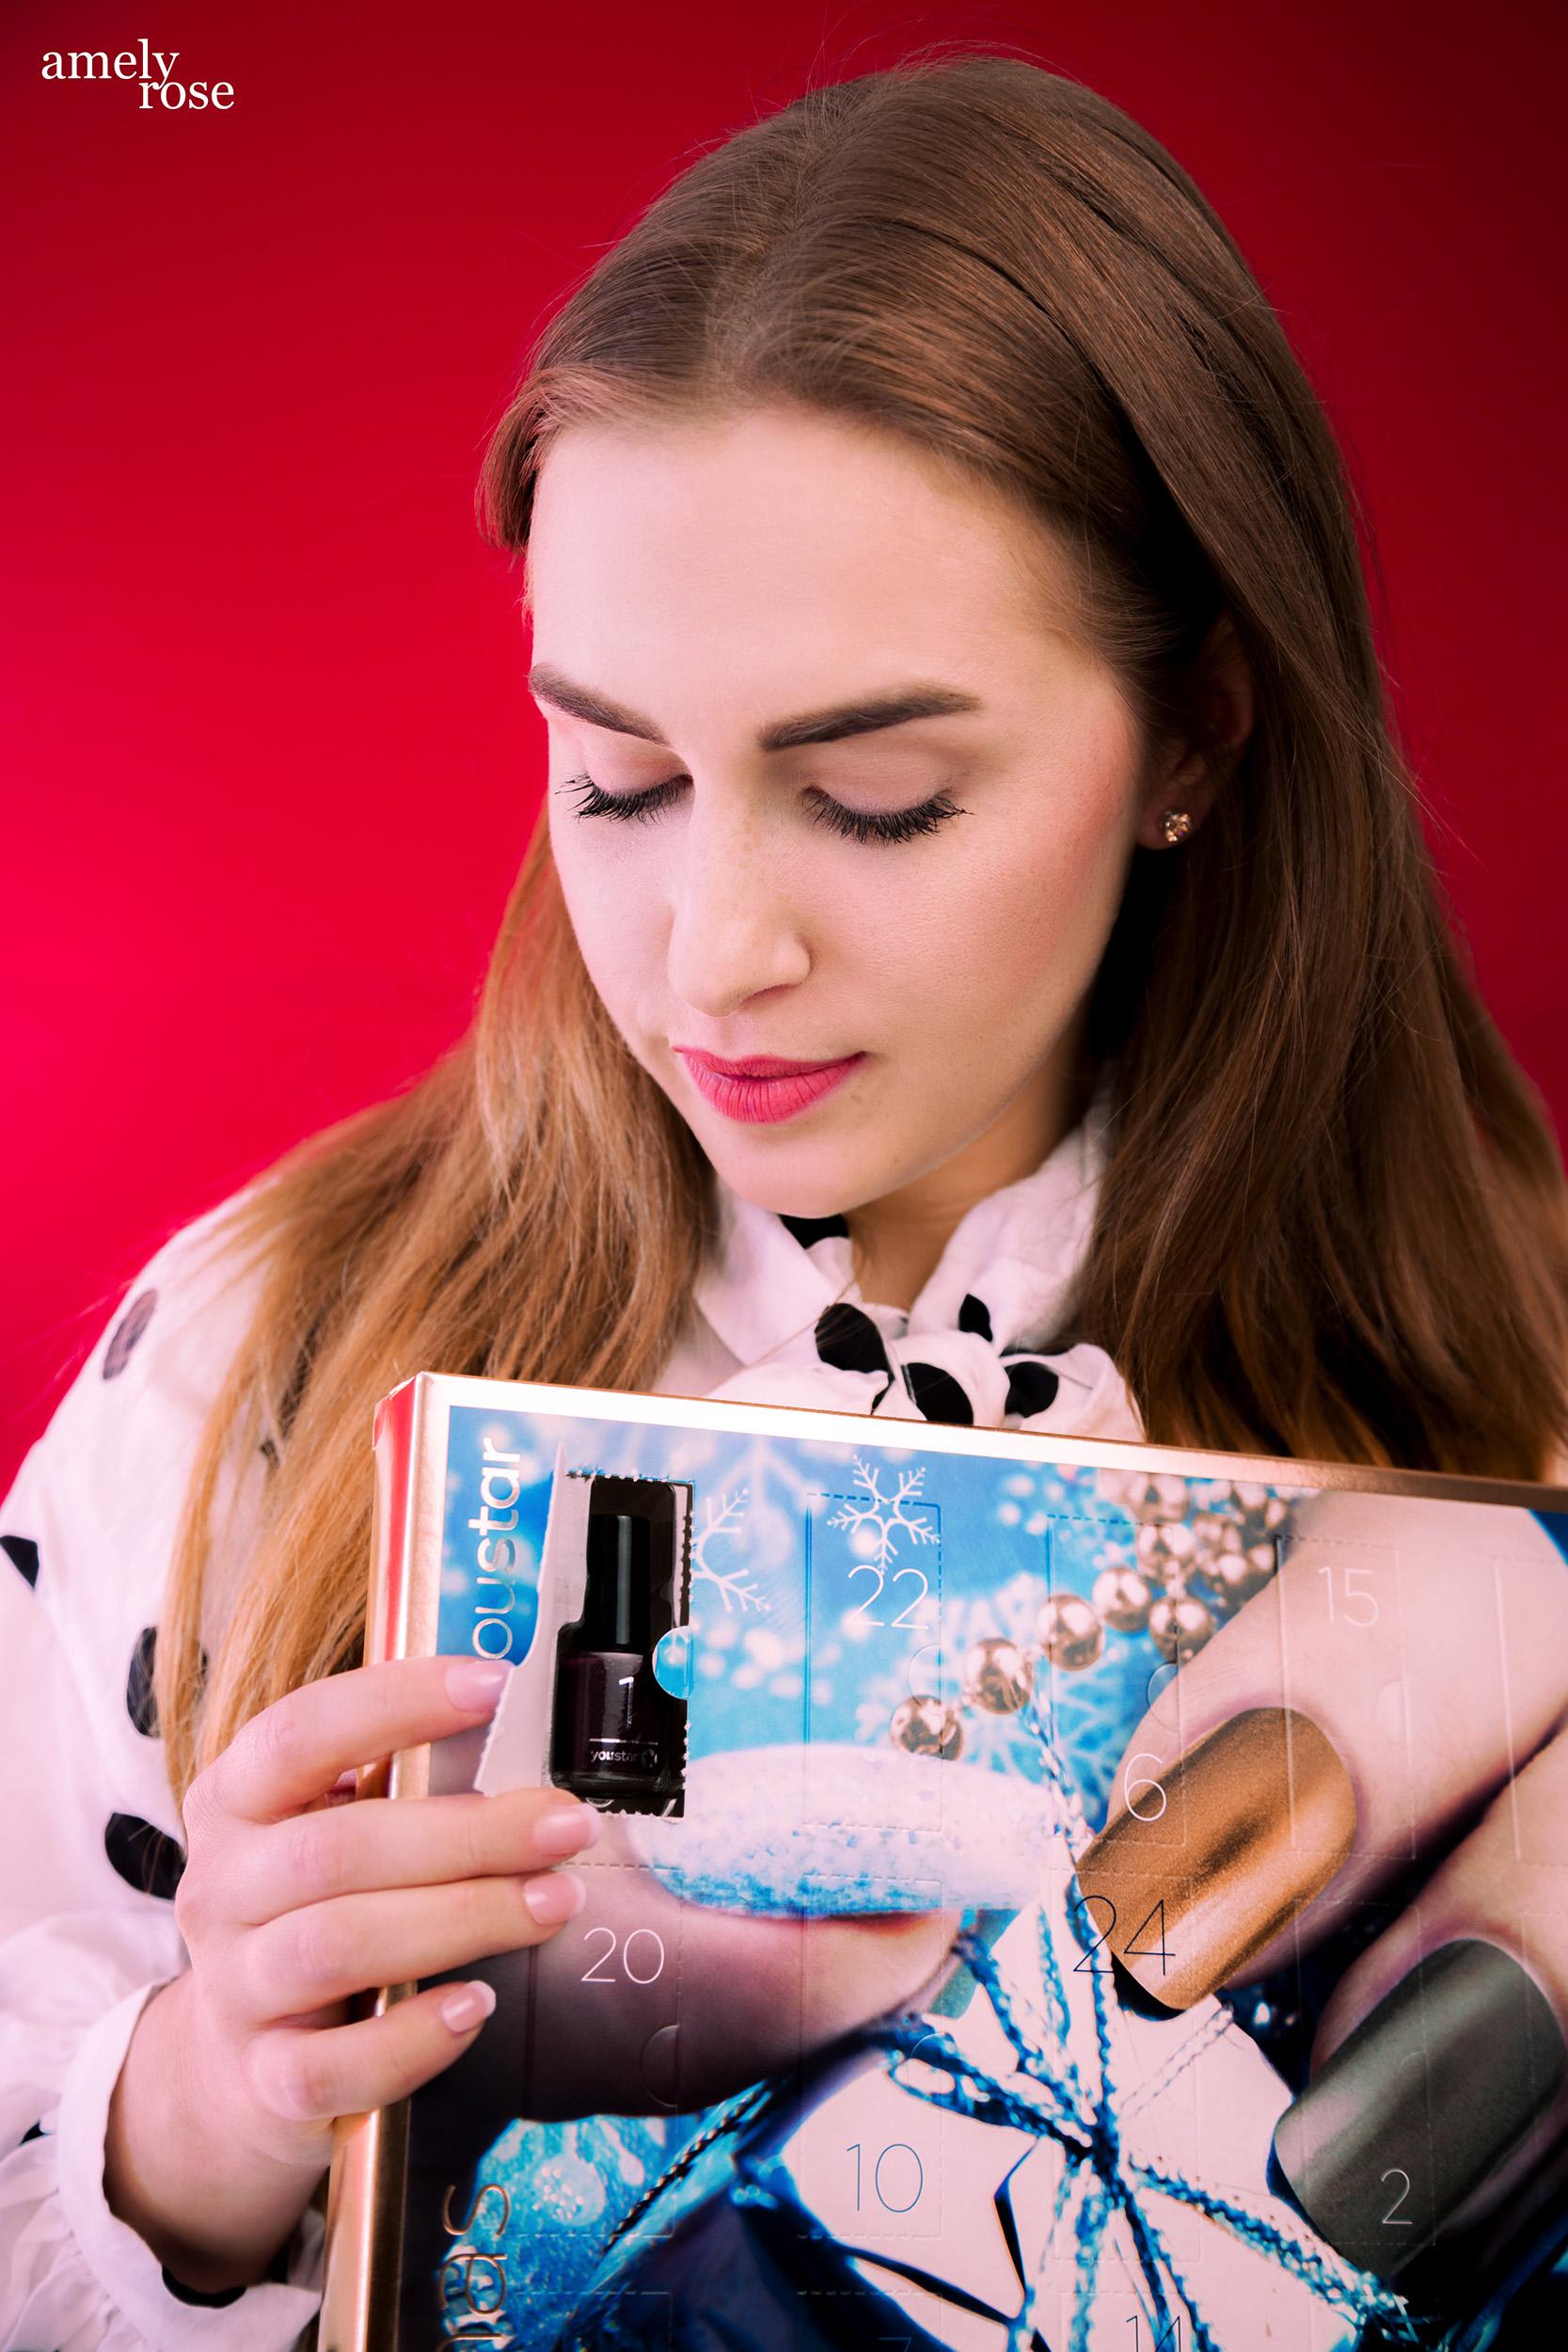 Amely Rose, german influencer und deutscher fashionblog zeigt die dobner adventskalender gefüllt mit kosmetik.